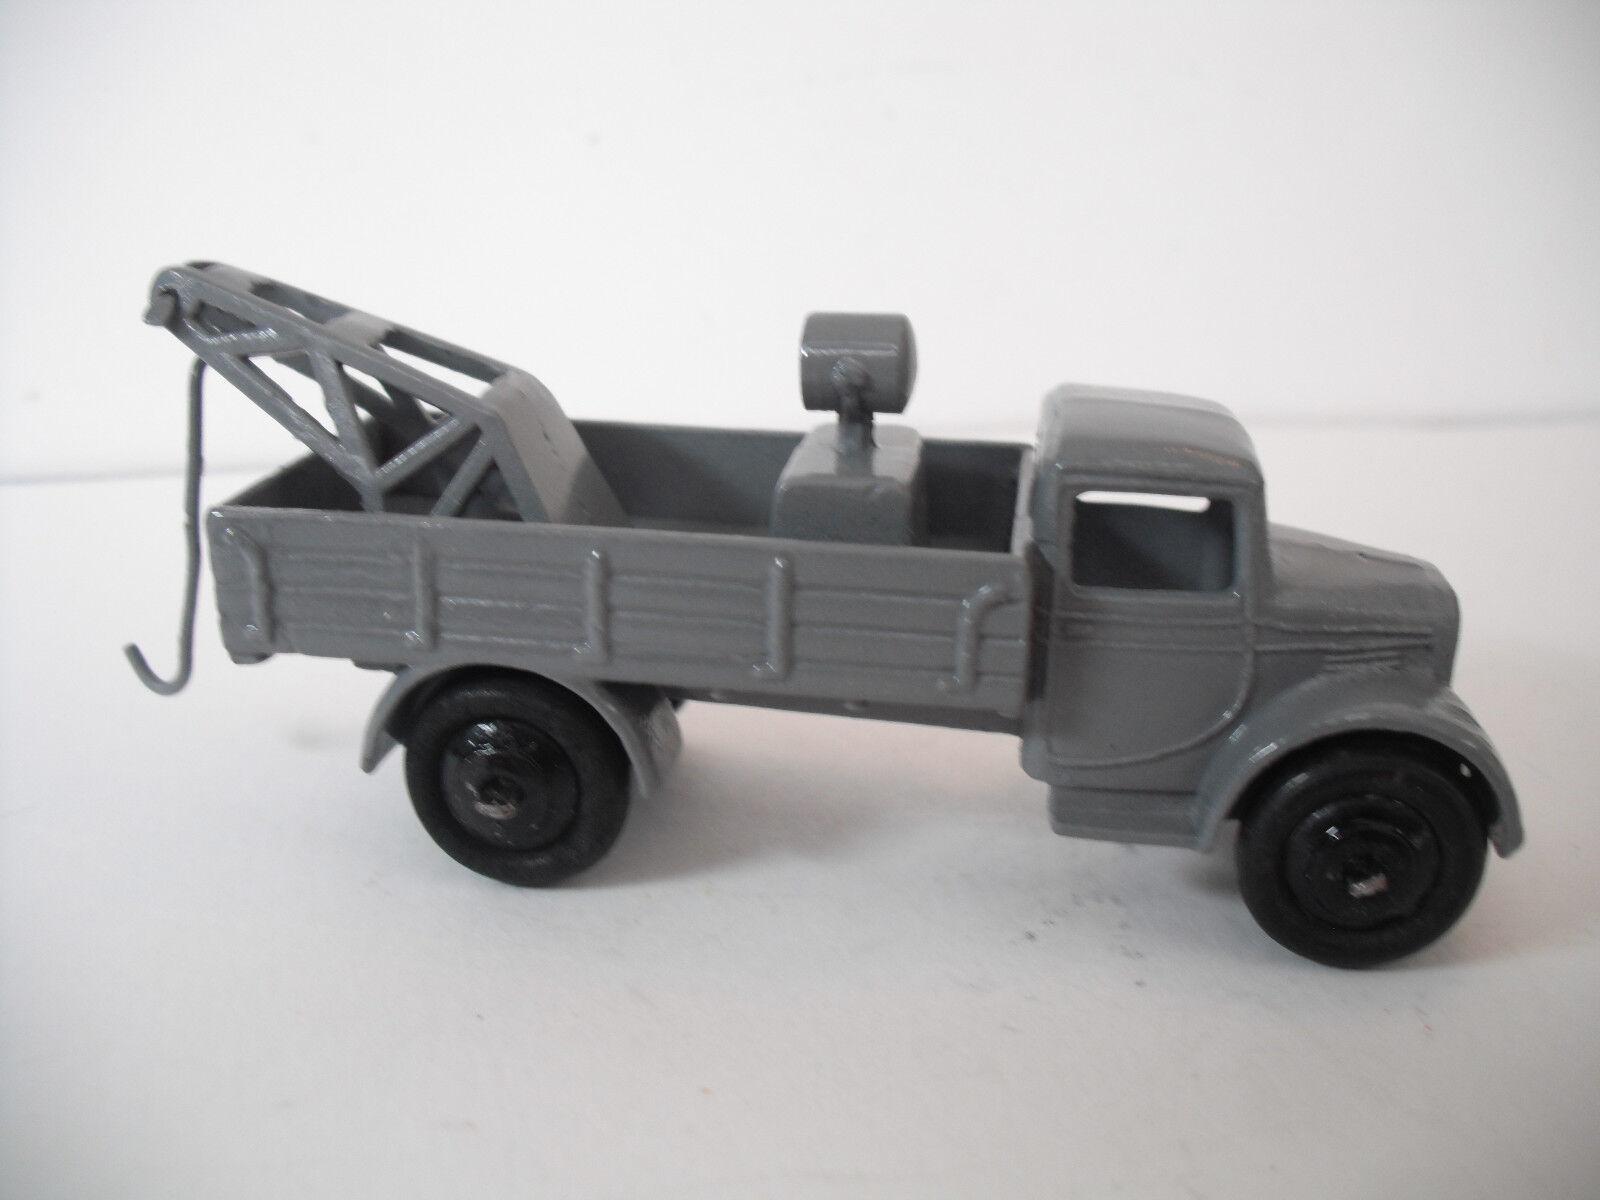 precios bajos Dinky Juguetes Meccano Meccano Meccano NO.30e-G ruptura van. 1935-1940 Modelo restaurado a Casi Nuevo  envio rapido a ti